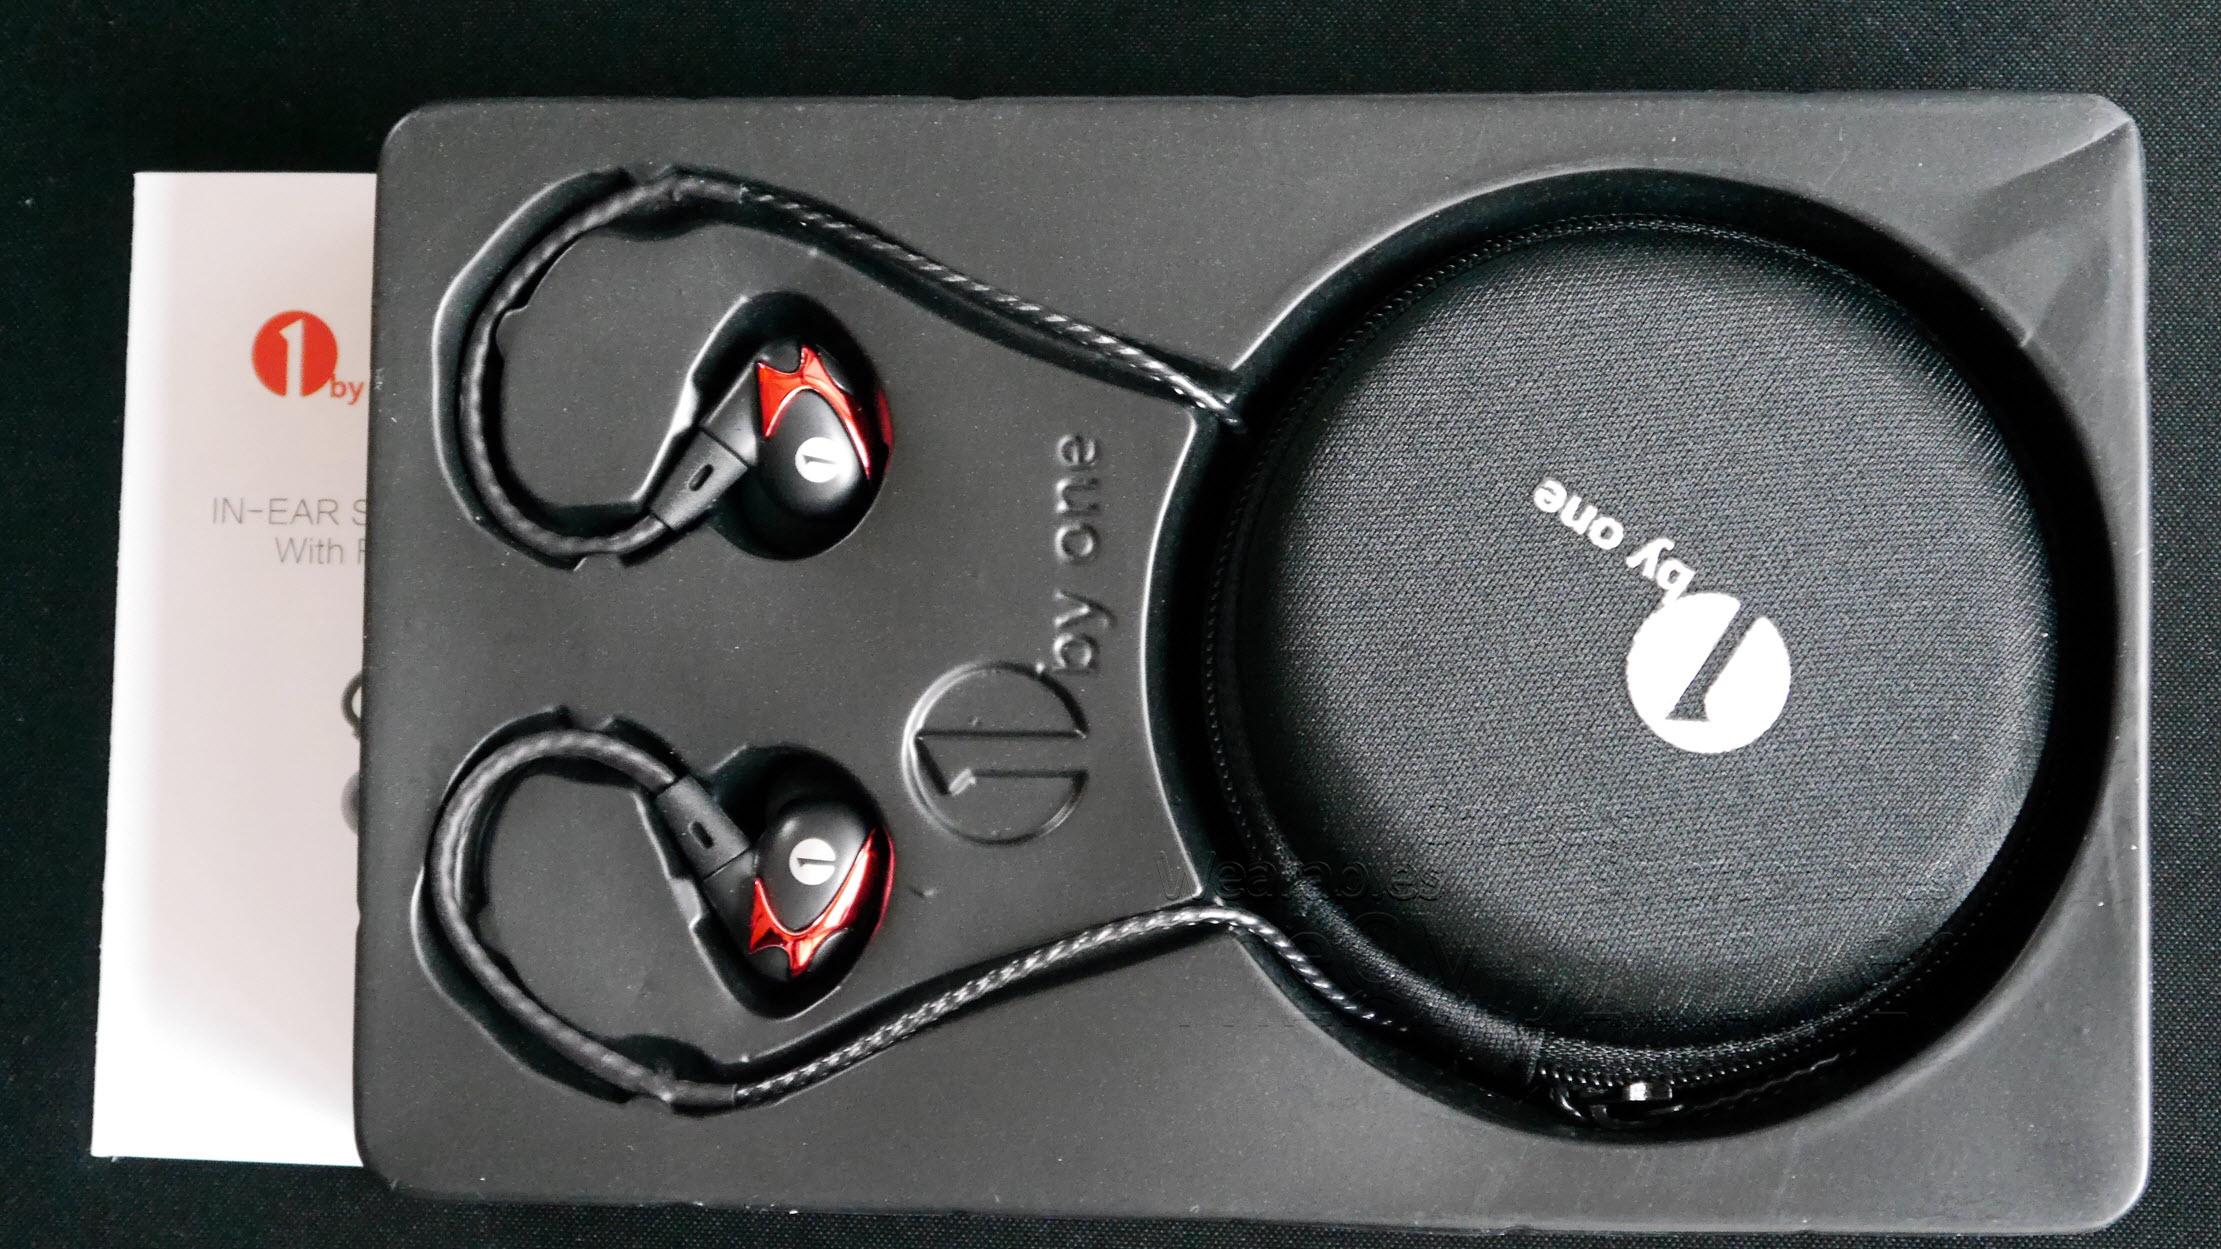 1byone® in-ear Sports Headphones // Review // - Ein Sport Headset im Test